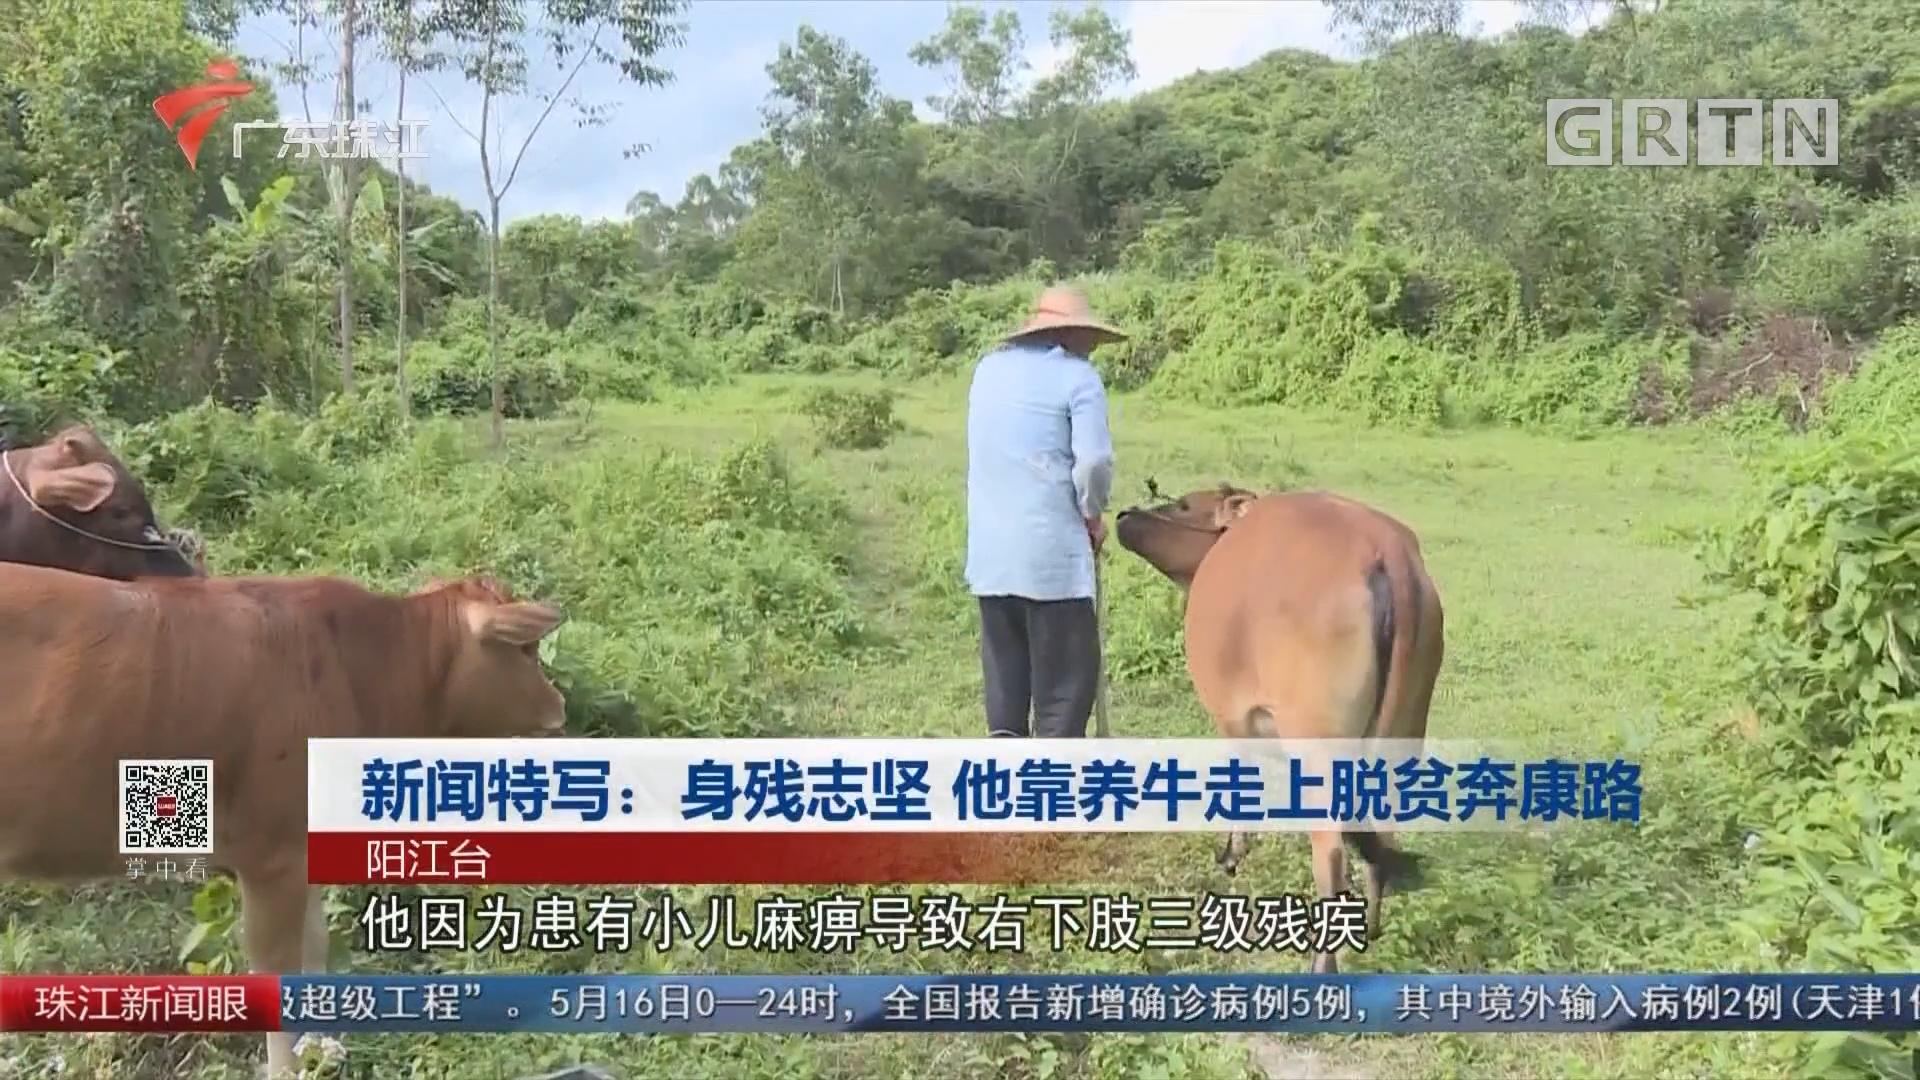 新闻特写:身残志坚 他靠养牛走上脱贫奔康路